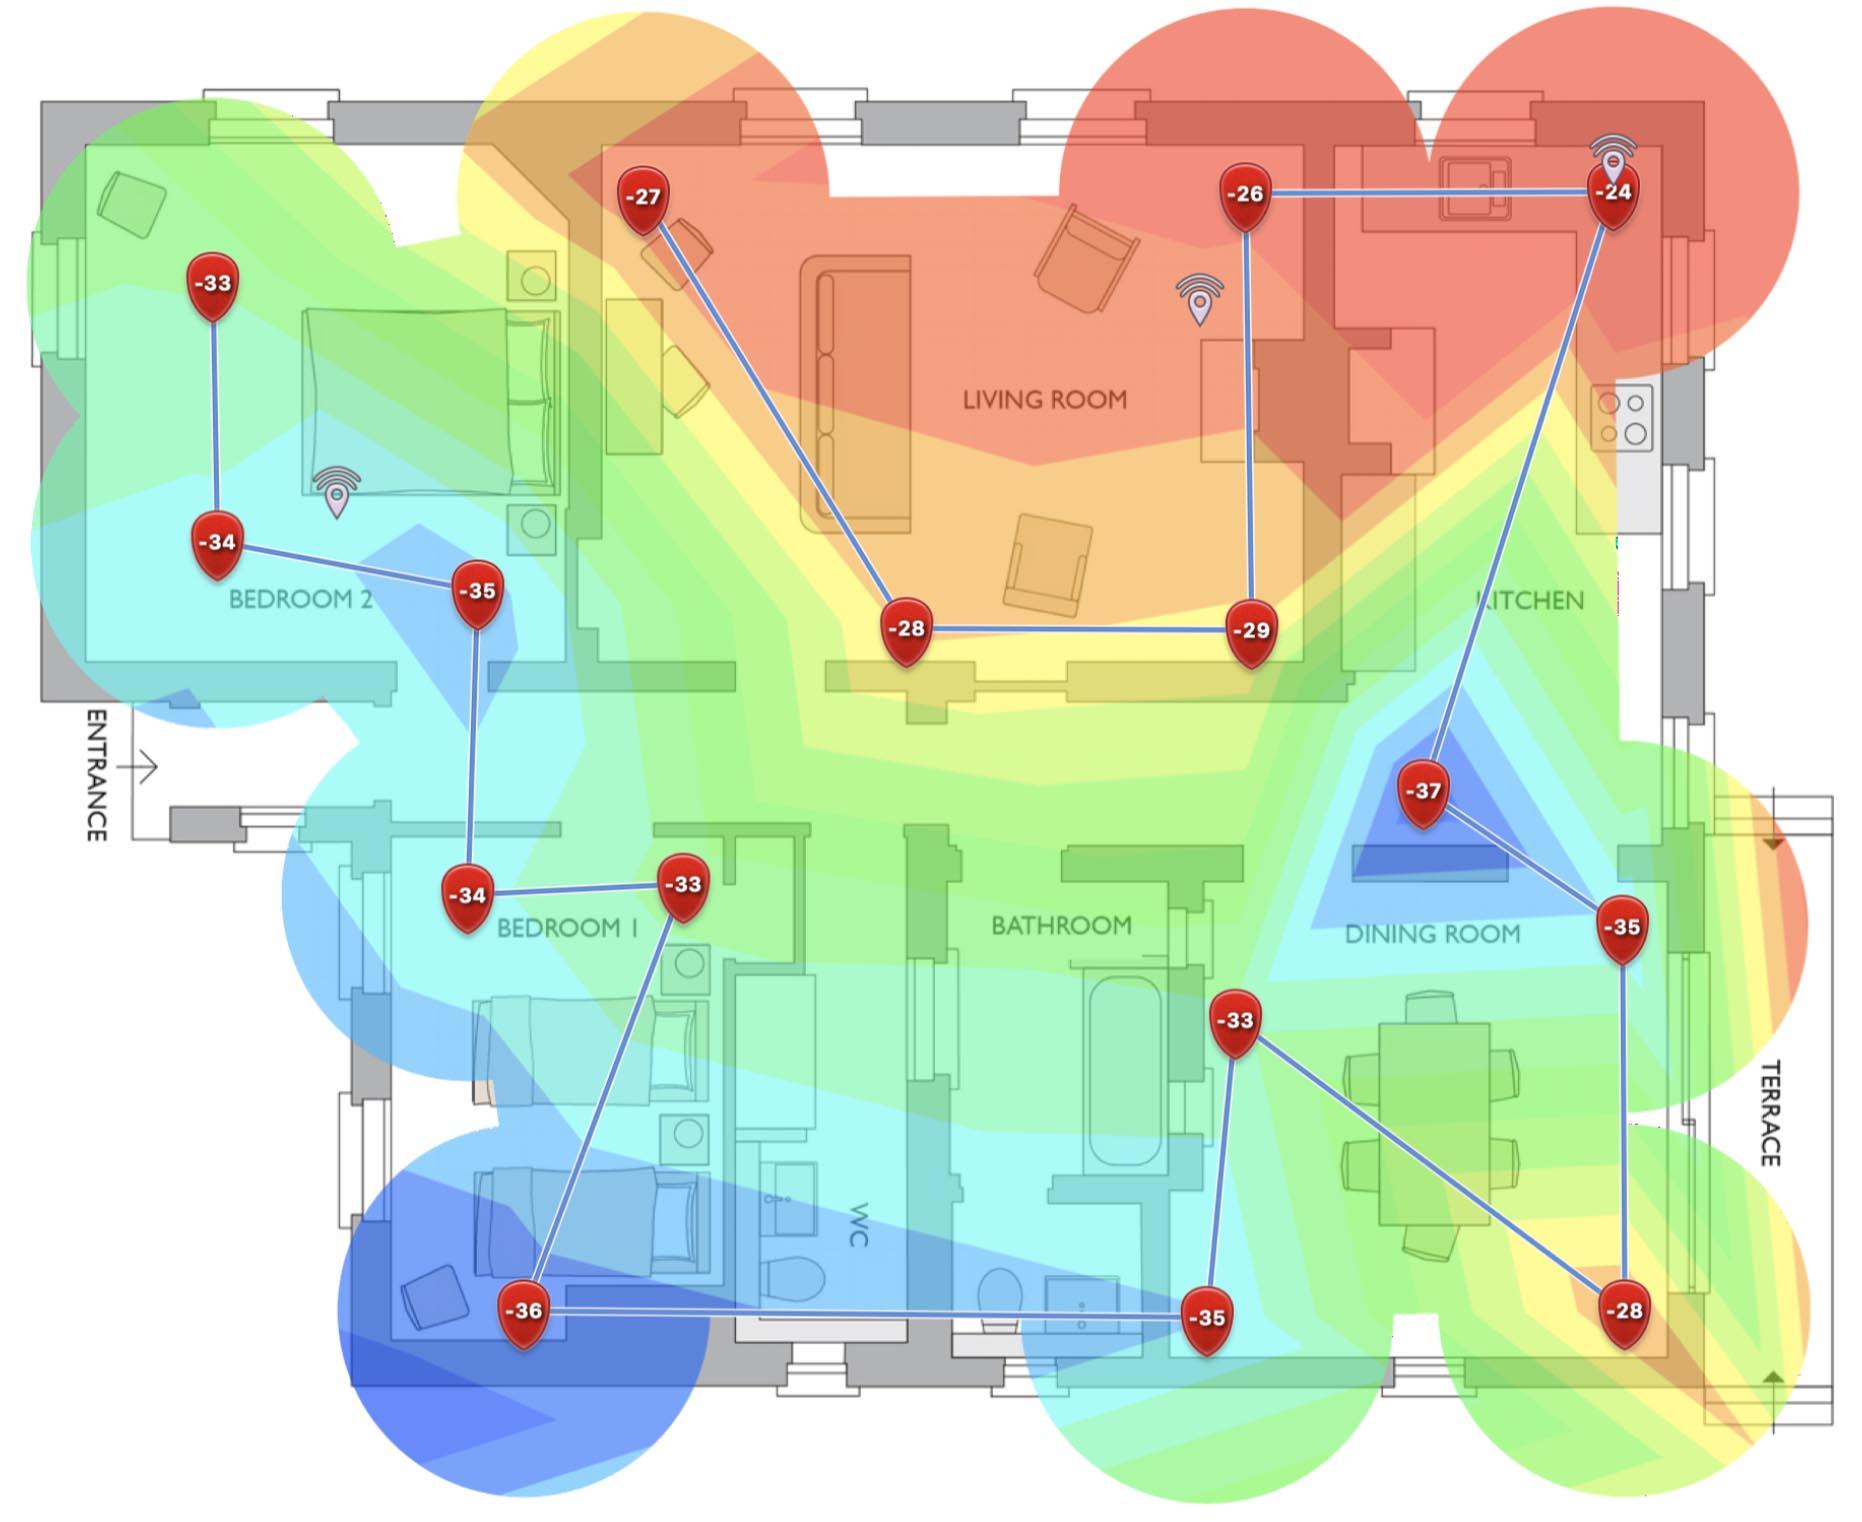 WiFi heatmaps